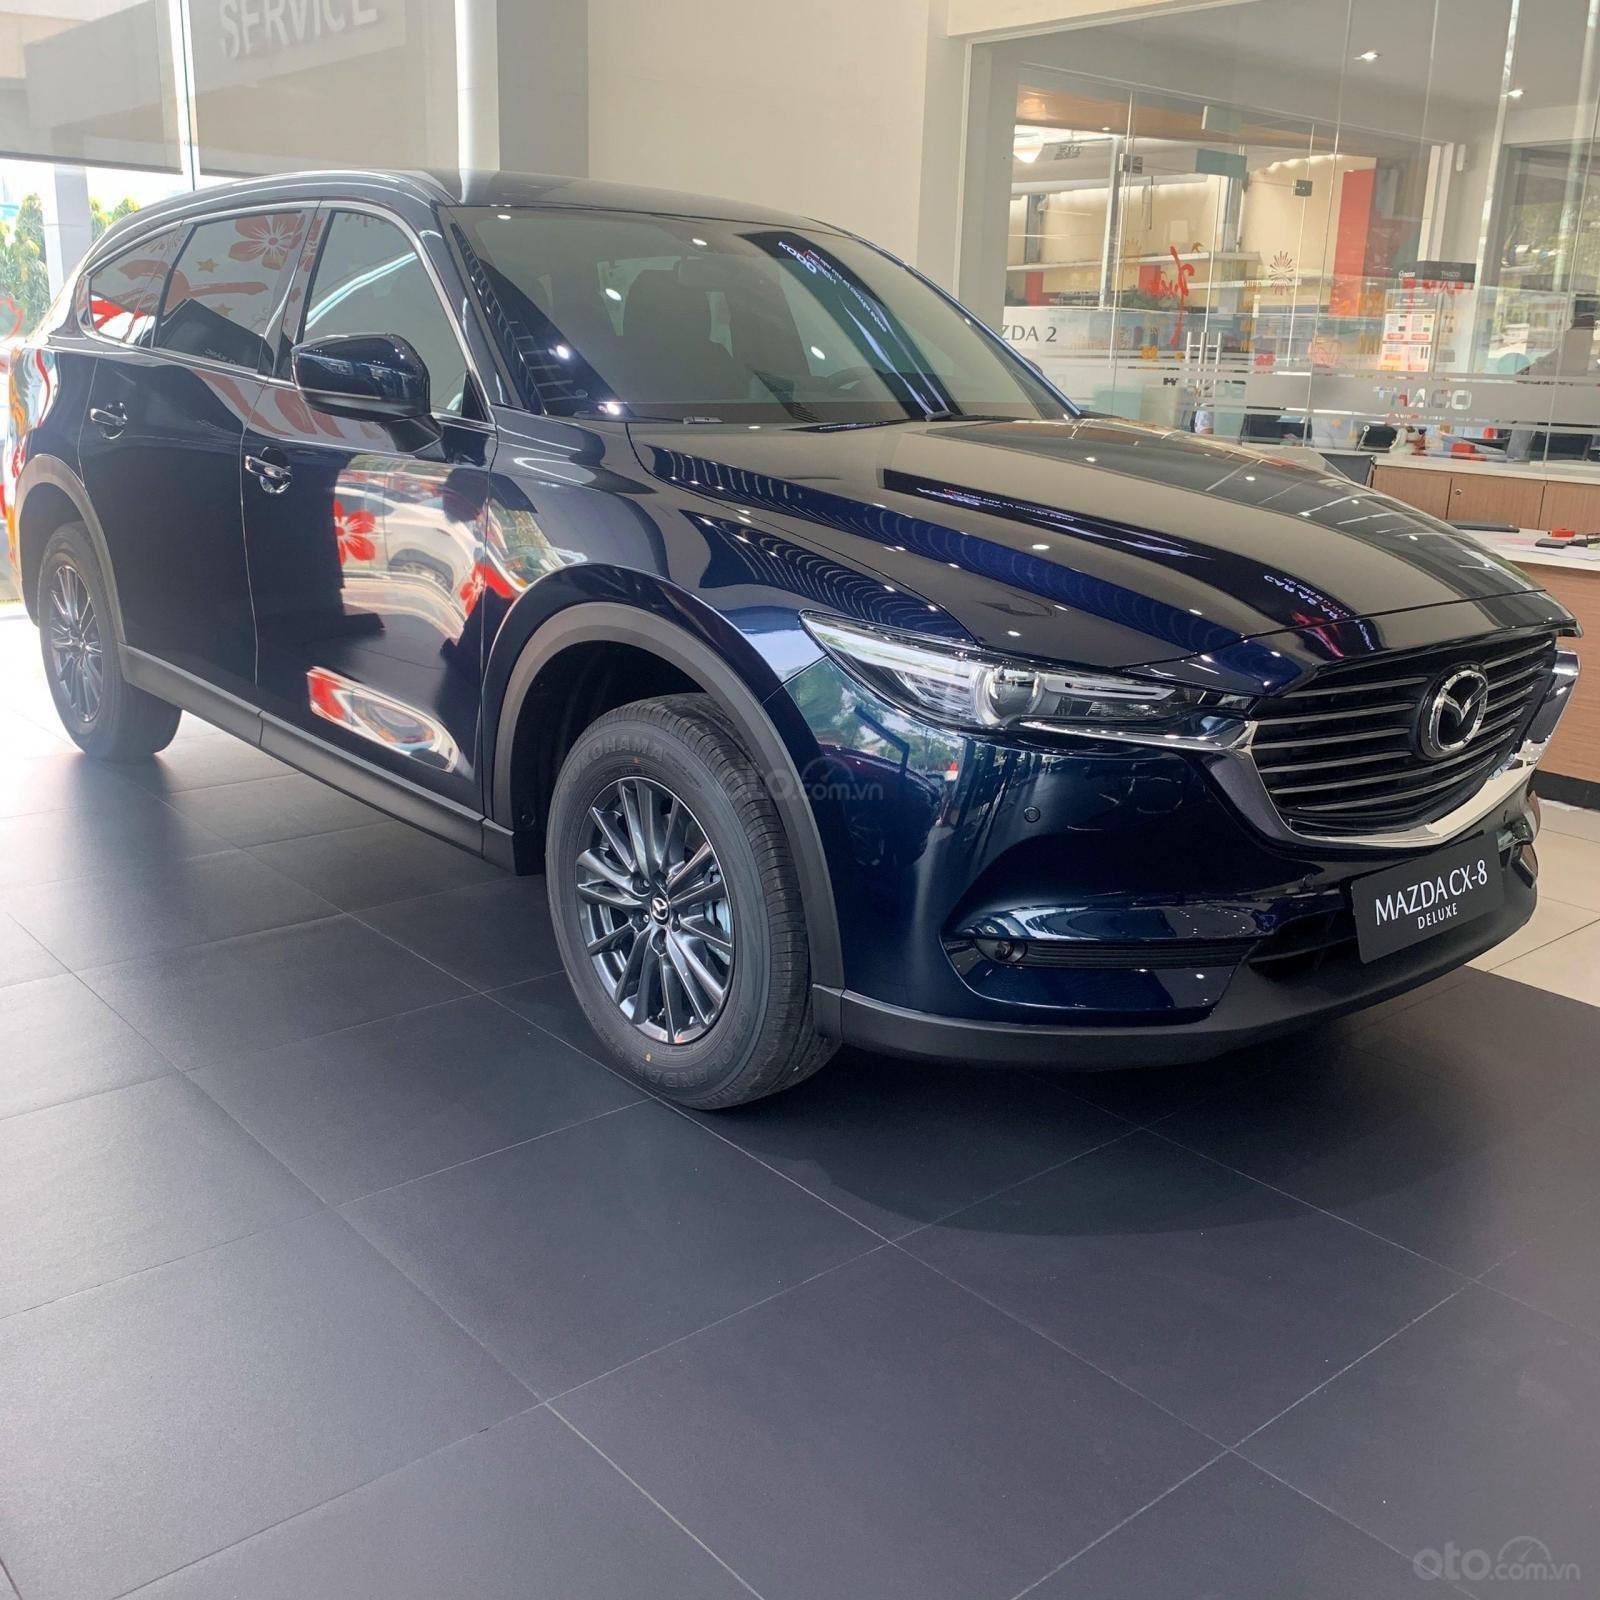 Bán Mazda CX-8 Premium AWD - siêu khuyến mãi - trả trước 340 triệu - đủ màu - giao ngay (1)